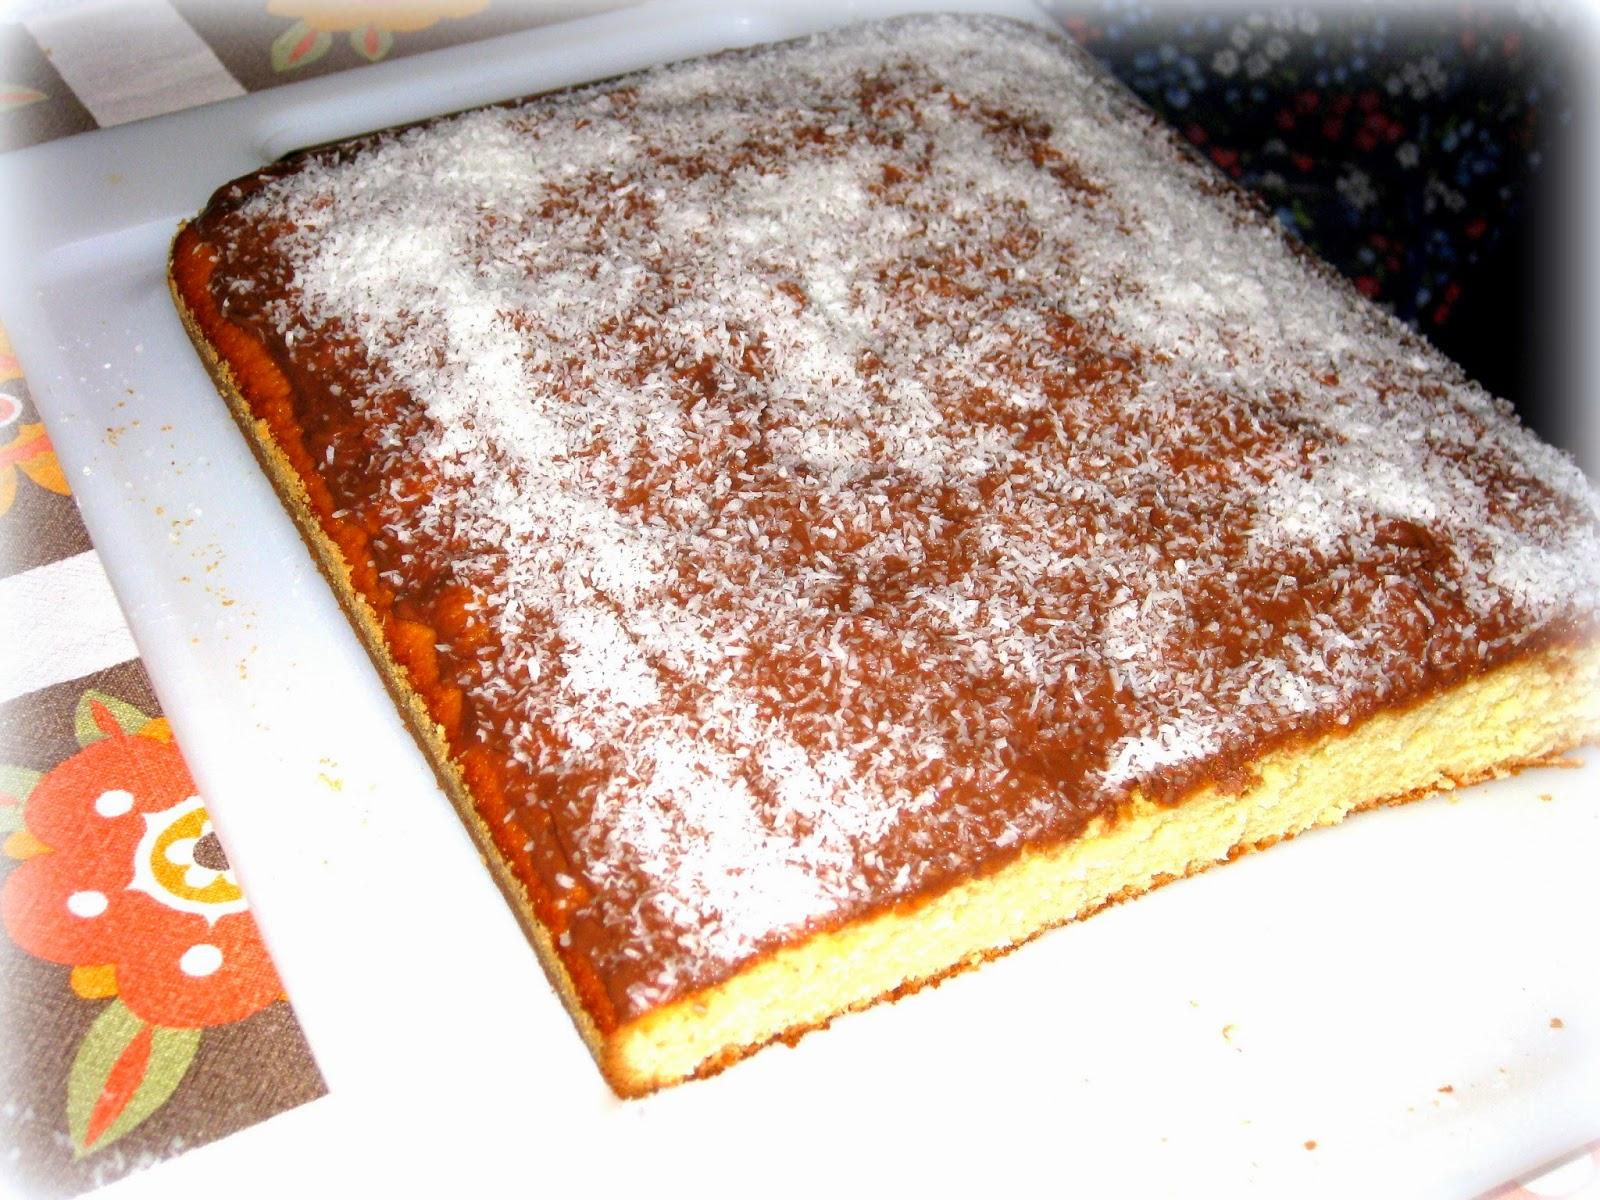 La ricetta di questa torta bassa con cocco rapè e cioccolato è deliziosa! Facile da preparare e con quel tocco in più dato dal cocco aggiunto direttamente nell'impasto.